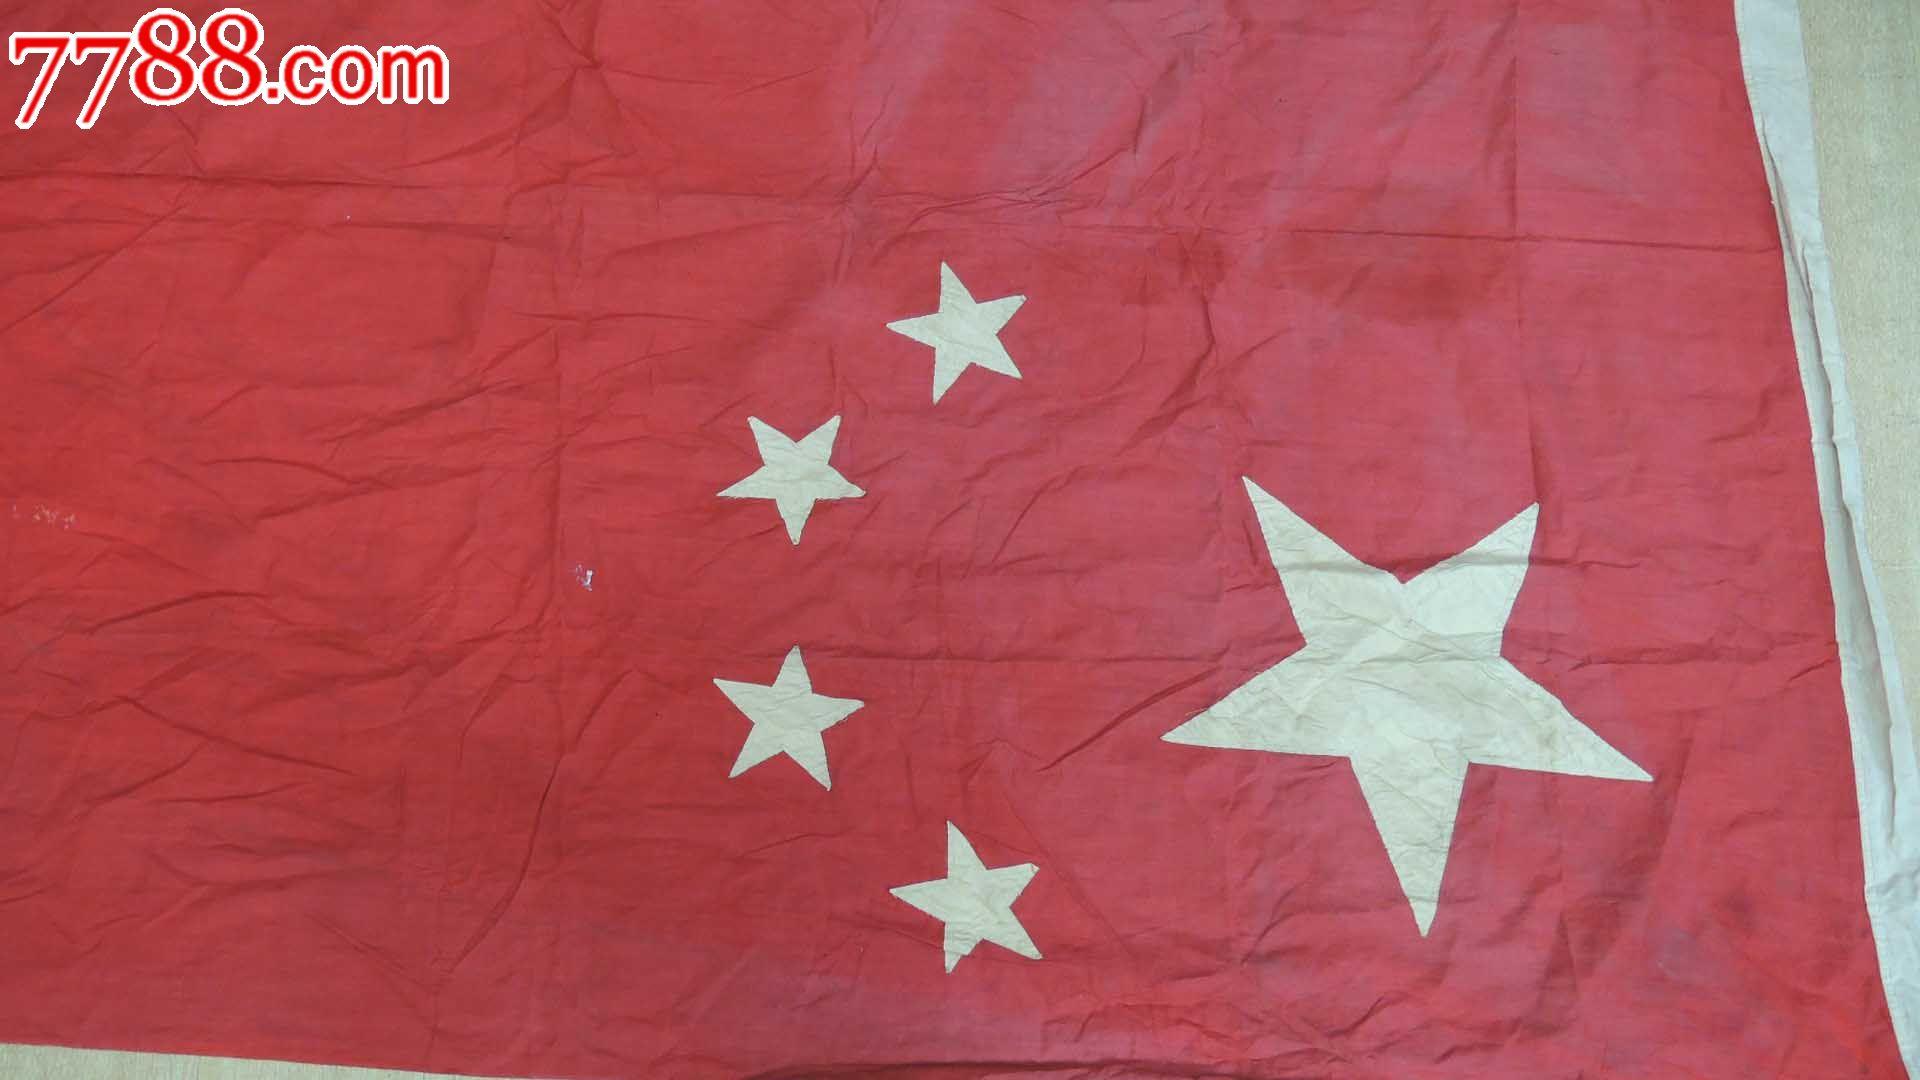 三号国旗图片